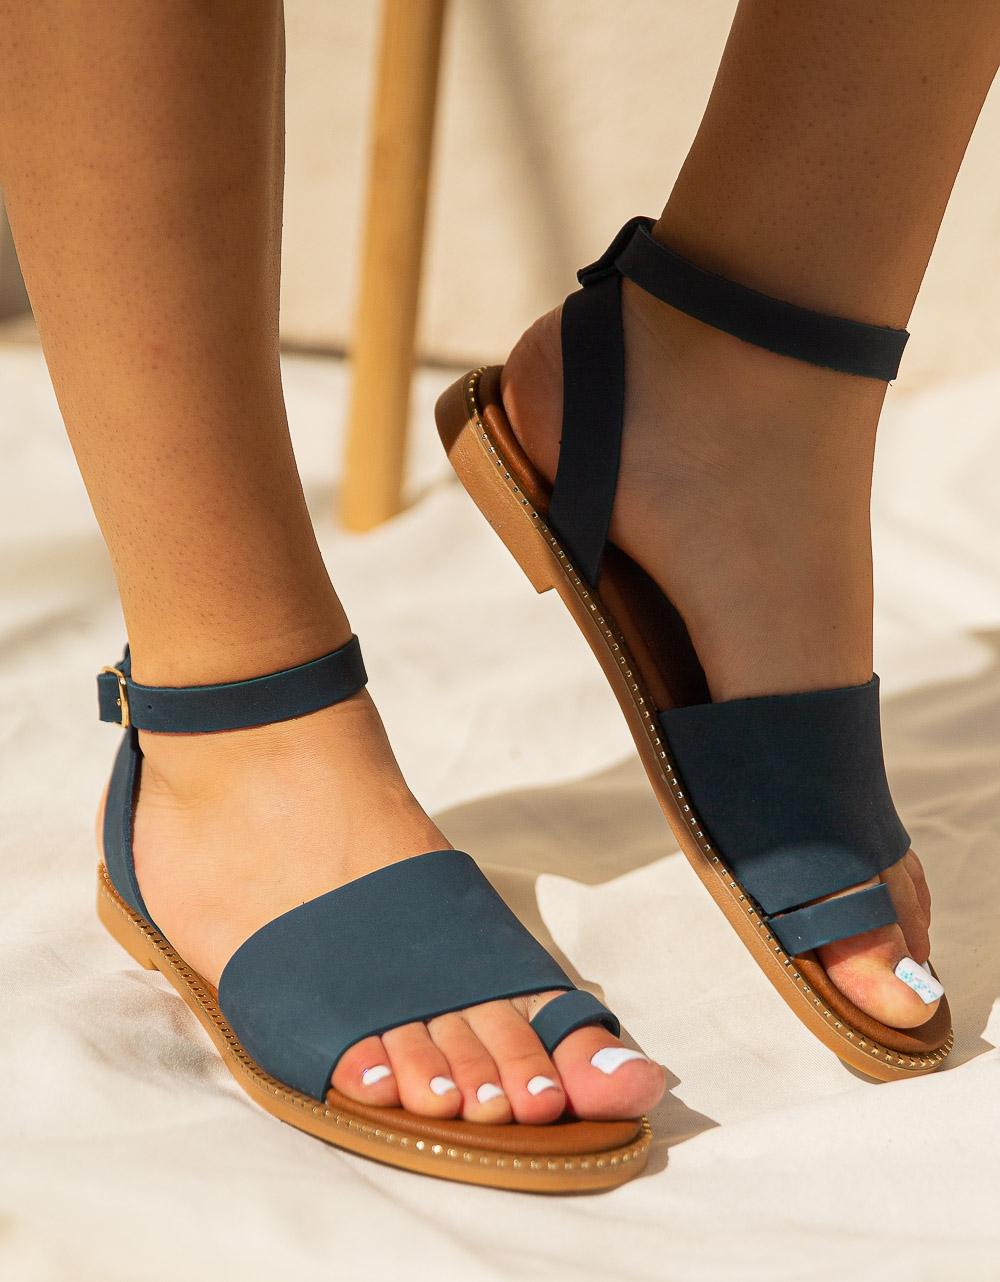 Εικόνα από Γυναικεία σανδάλια από γνήσιο δέρμα με φαρδιά φάσα Μπλε